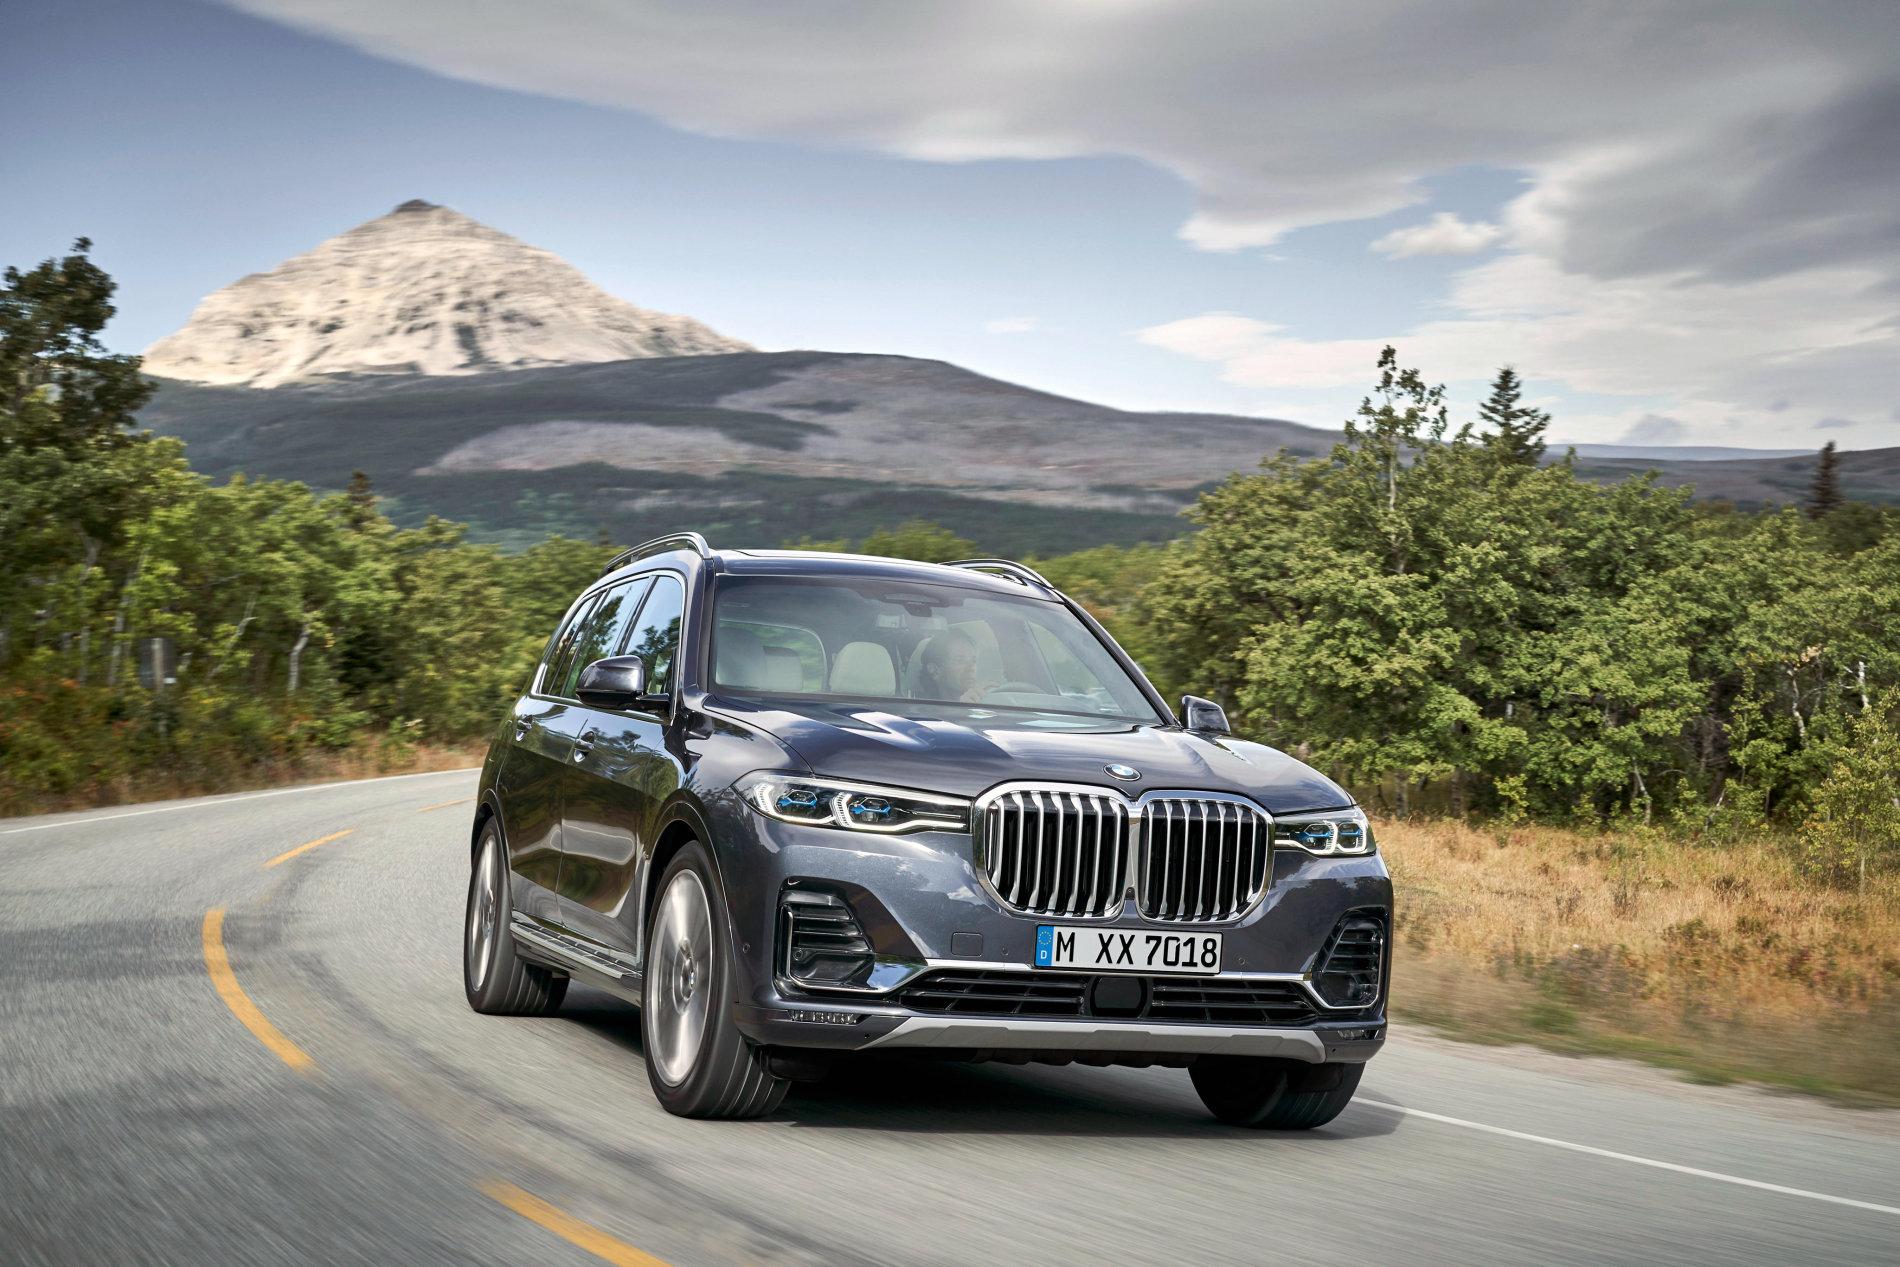 BMW X7 - BMW X7